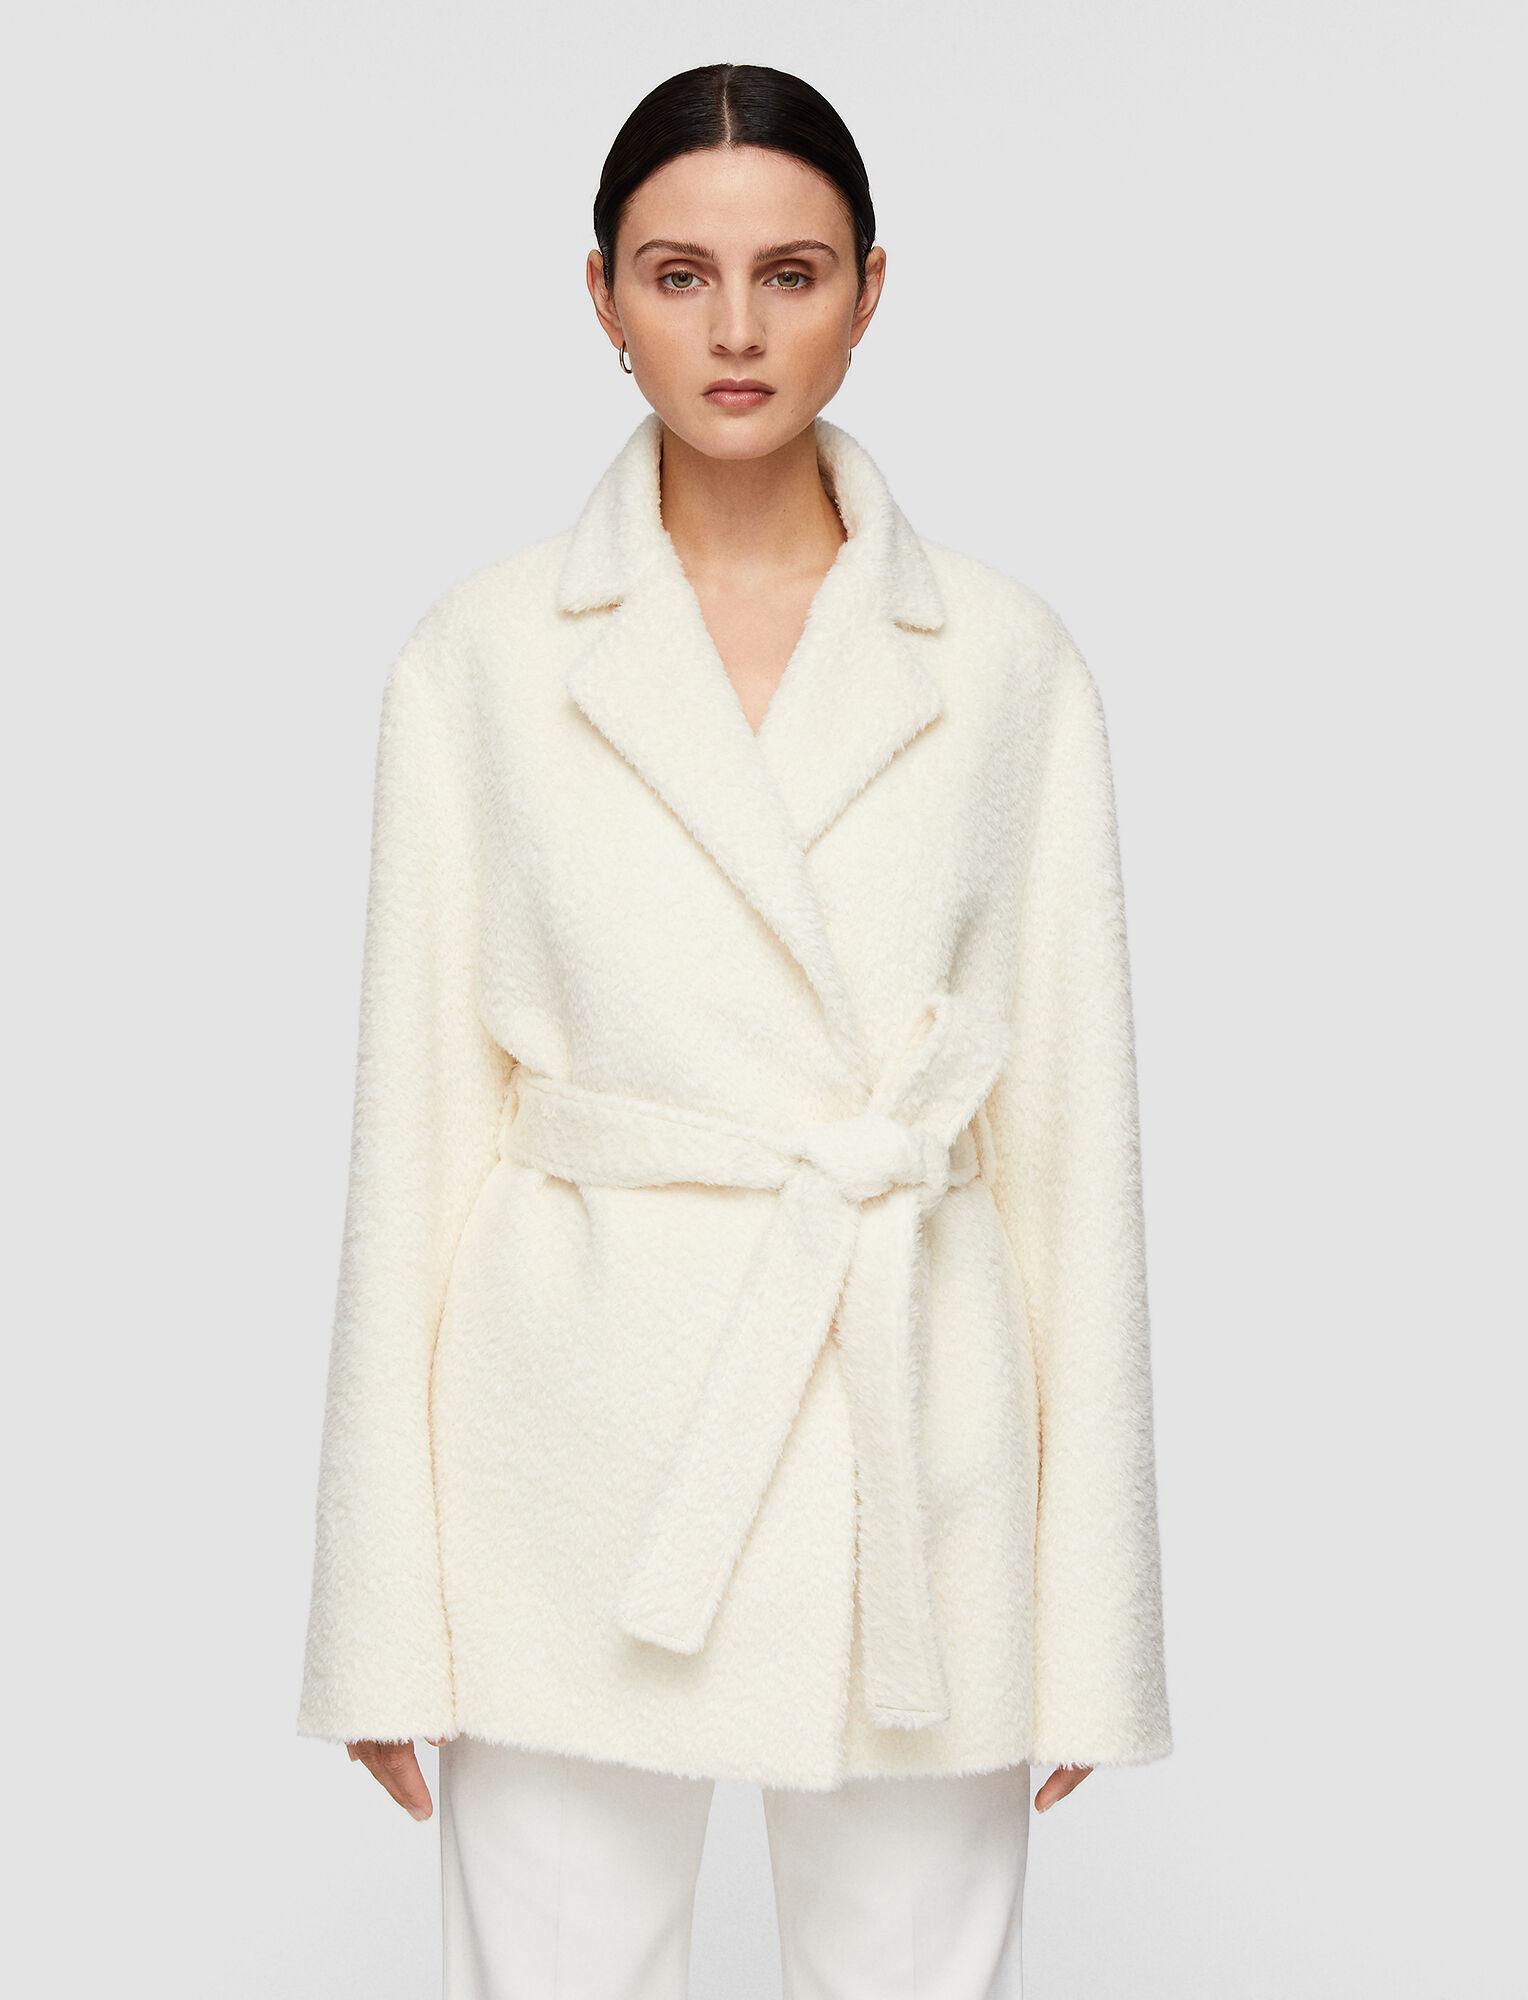 Joseph, Textured Wool Alpaca Cenda Coat, in Ecru